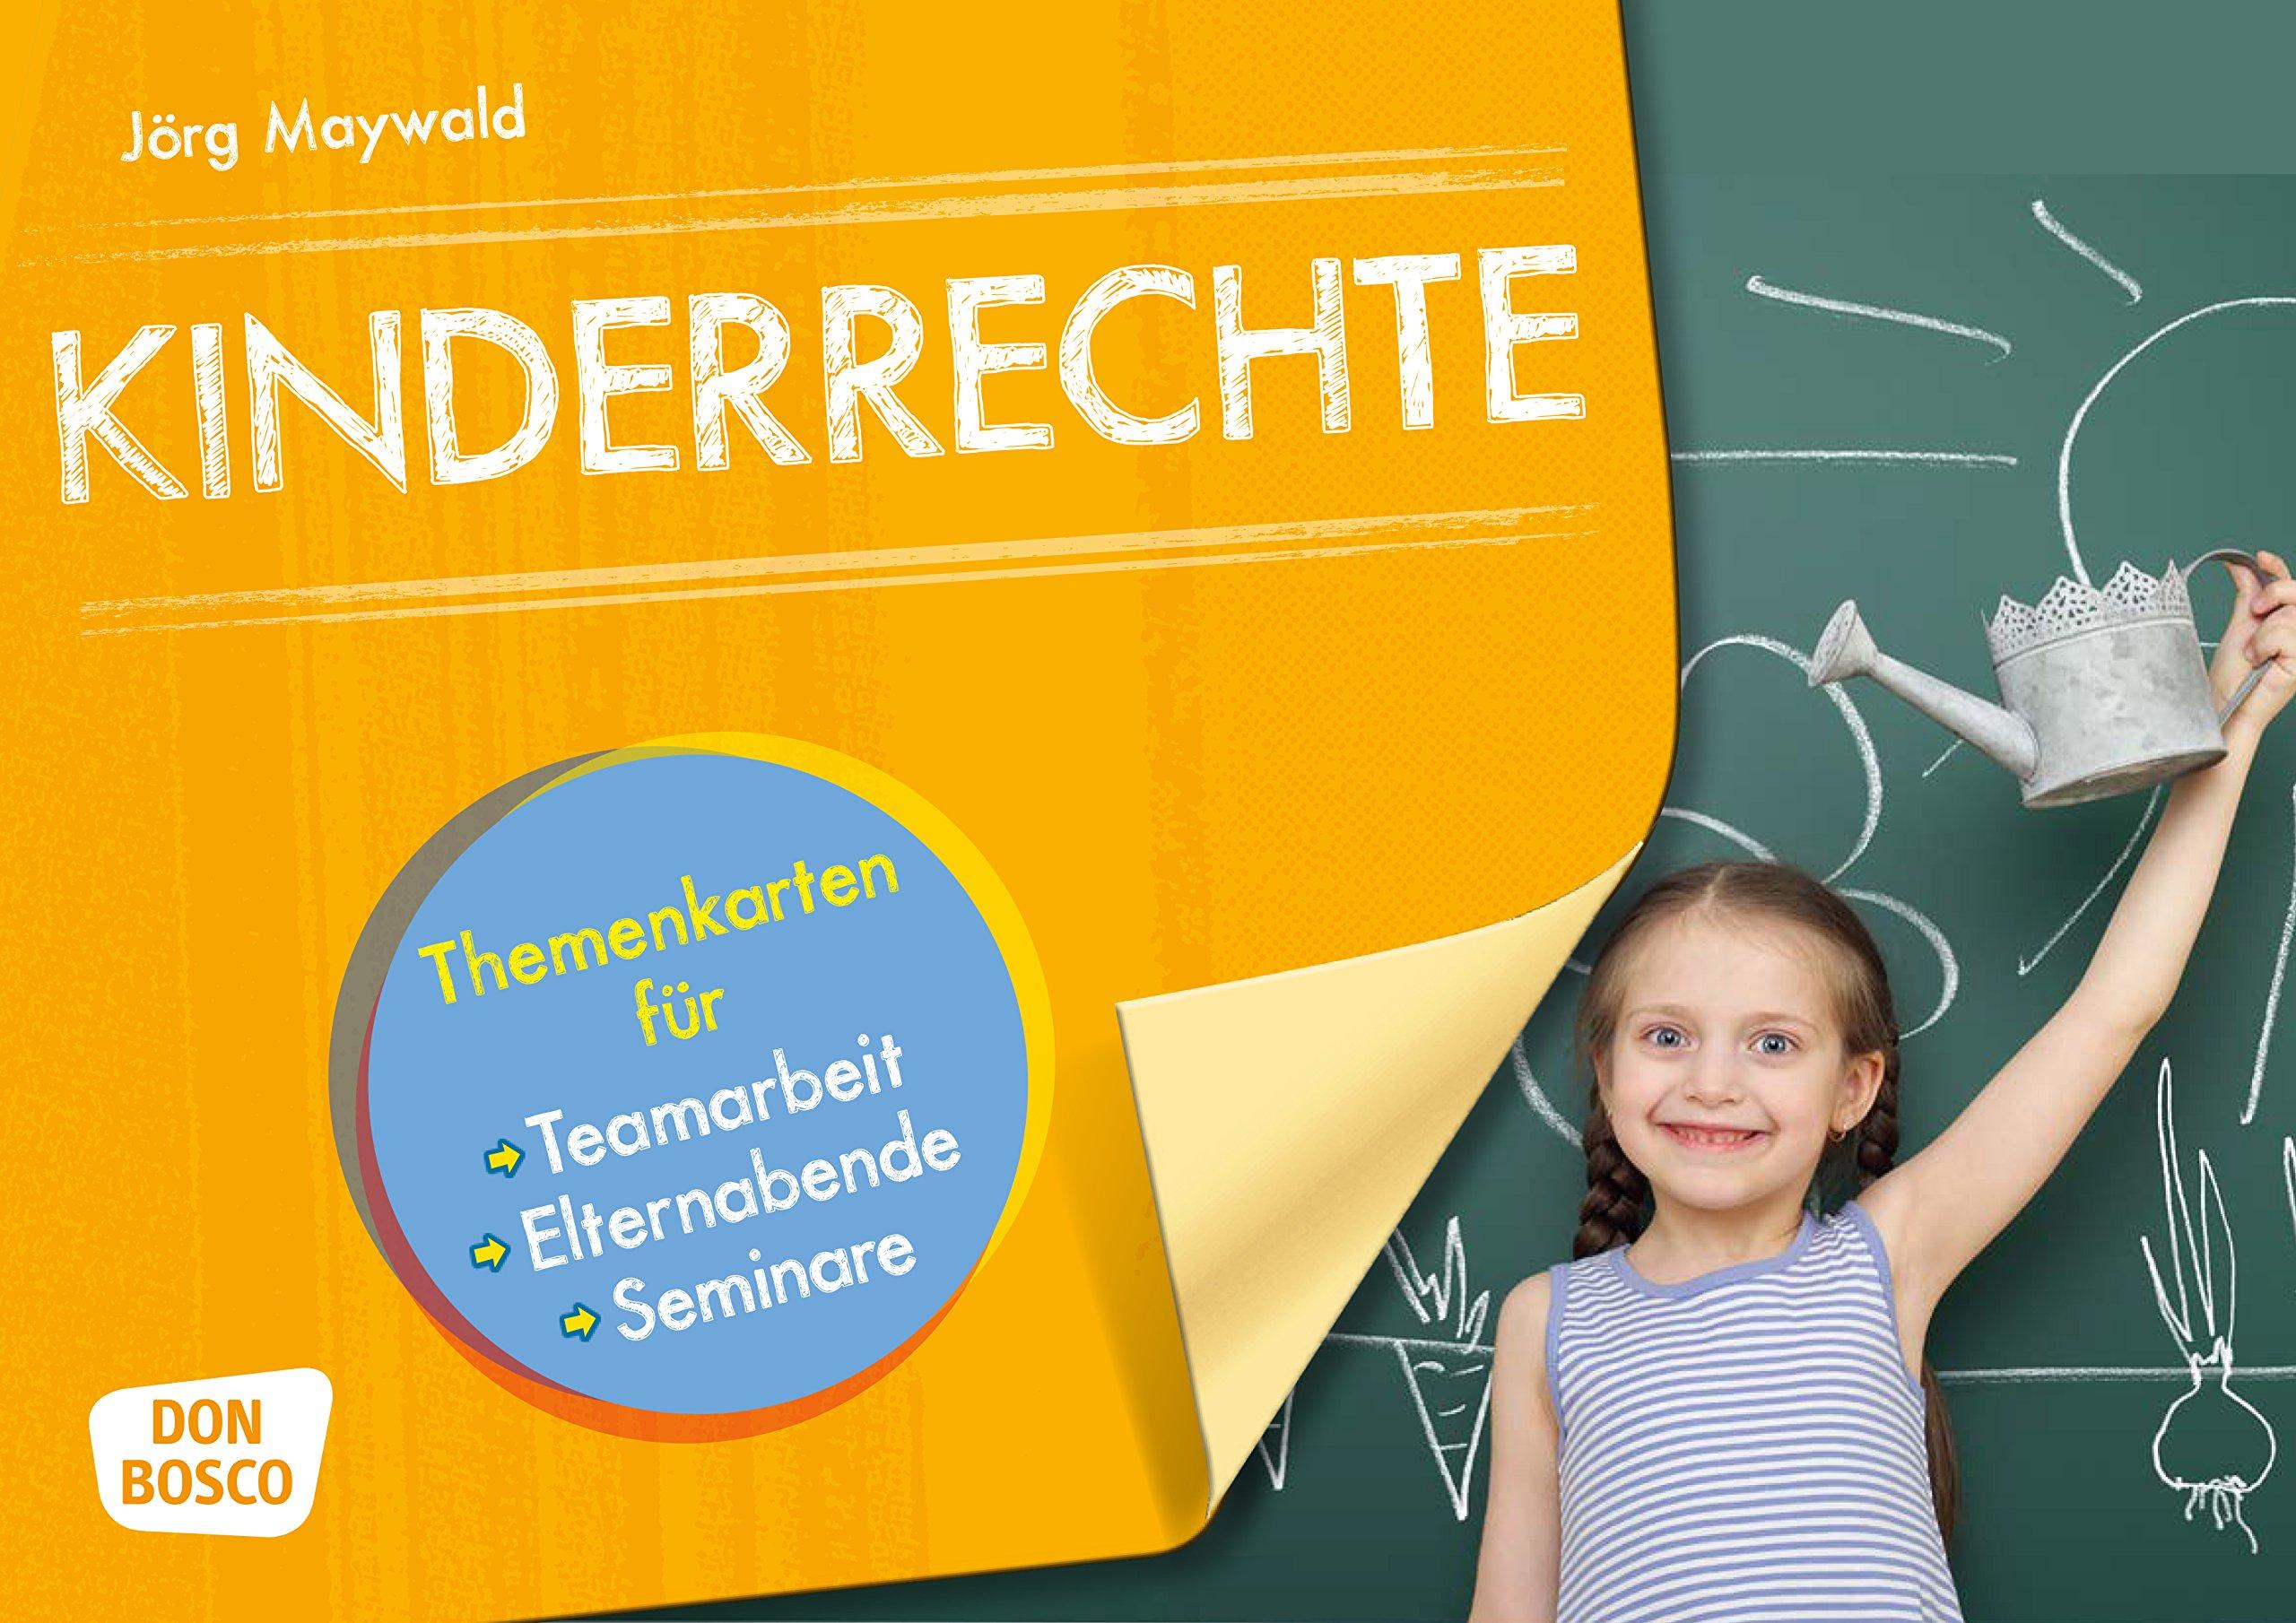 Kinderrechte  Themenkarten Für Teamarbeit Elternabende Seminare  Themenkarten Für Teamarbeit Elternabende Und Seminare